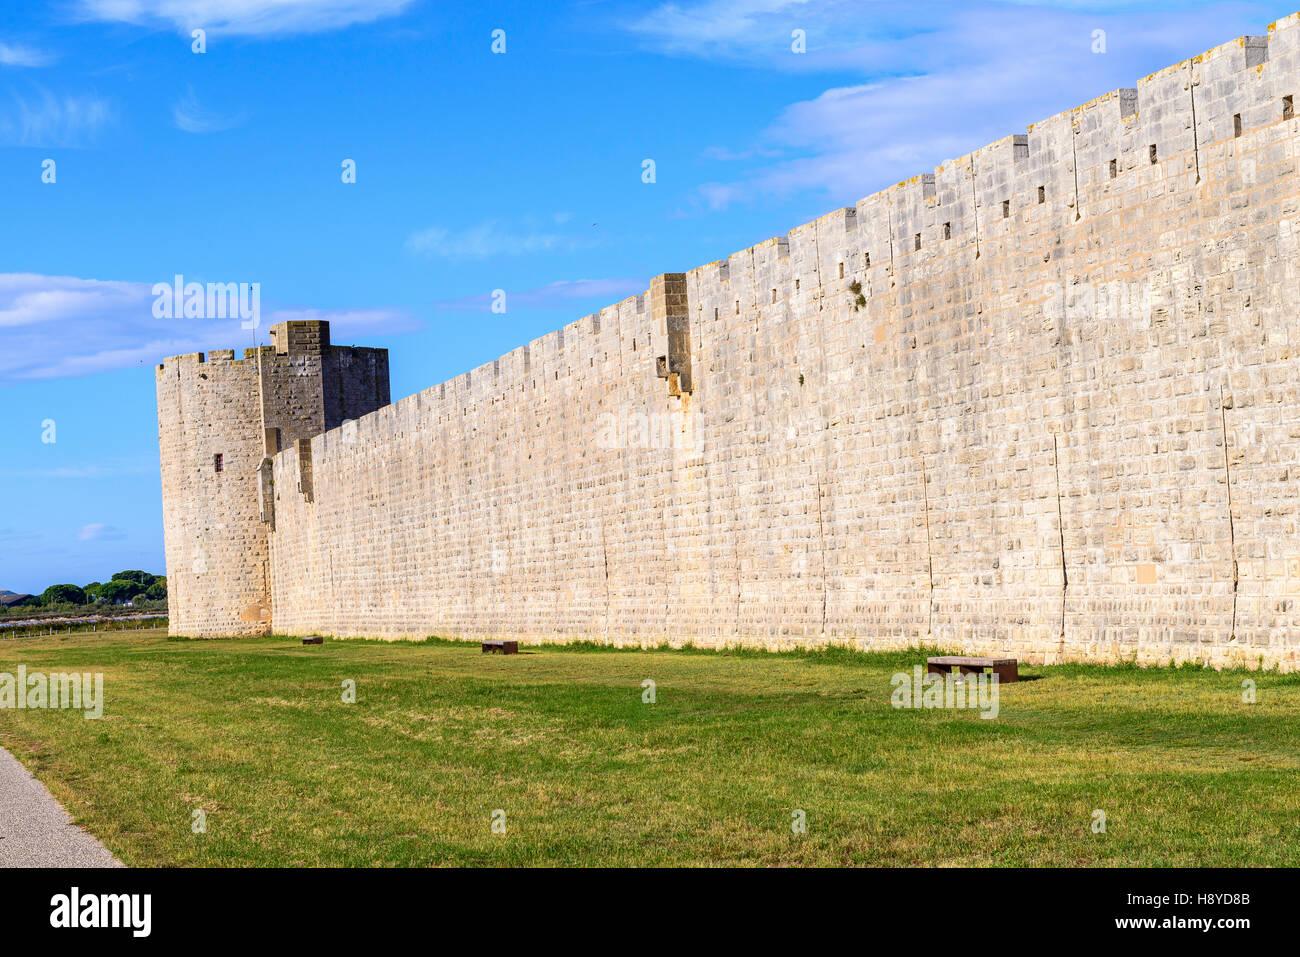 Tour des bourguignons Les Remparts côté Sud Aigues-Mortes,Camargue AIGUES-MORTES - FRANCE - Stock Image